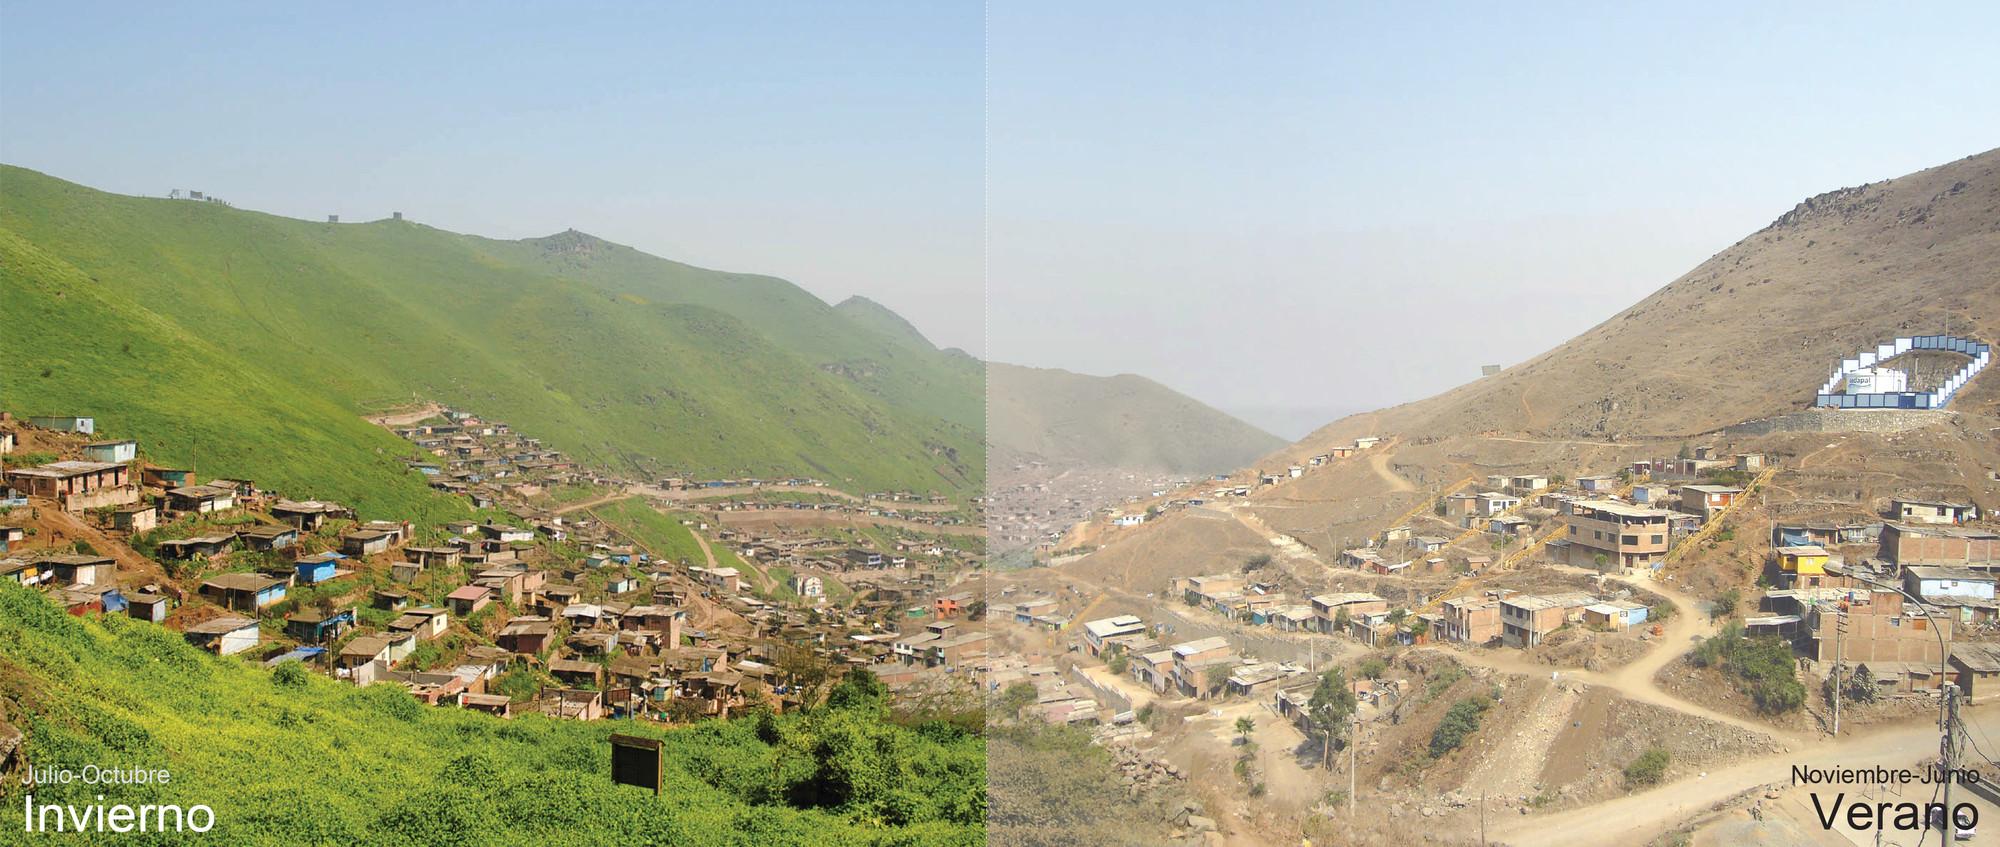 Las Lomas de VMT / Verano e Invierno. Image Courtesy of Marius Ege